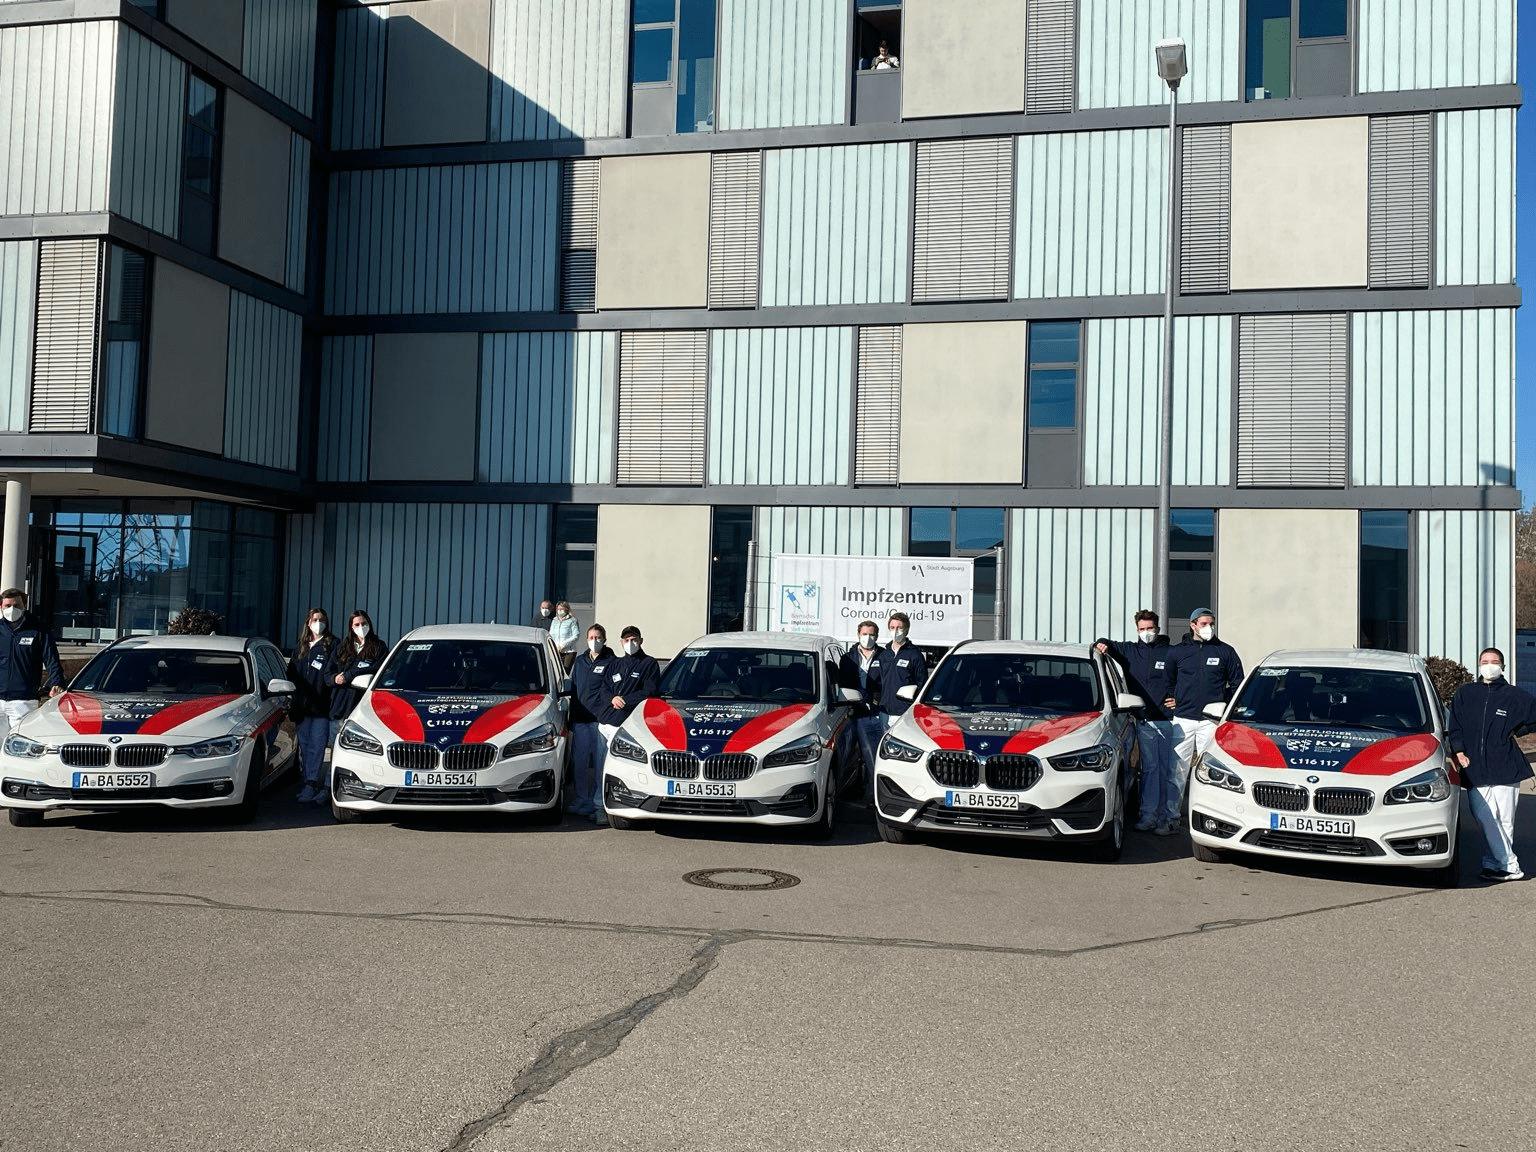 21 03 02 Mobile Sonduerle Ambulanz